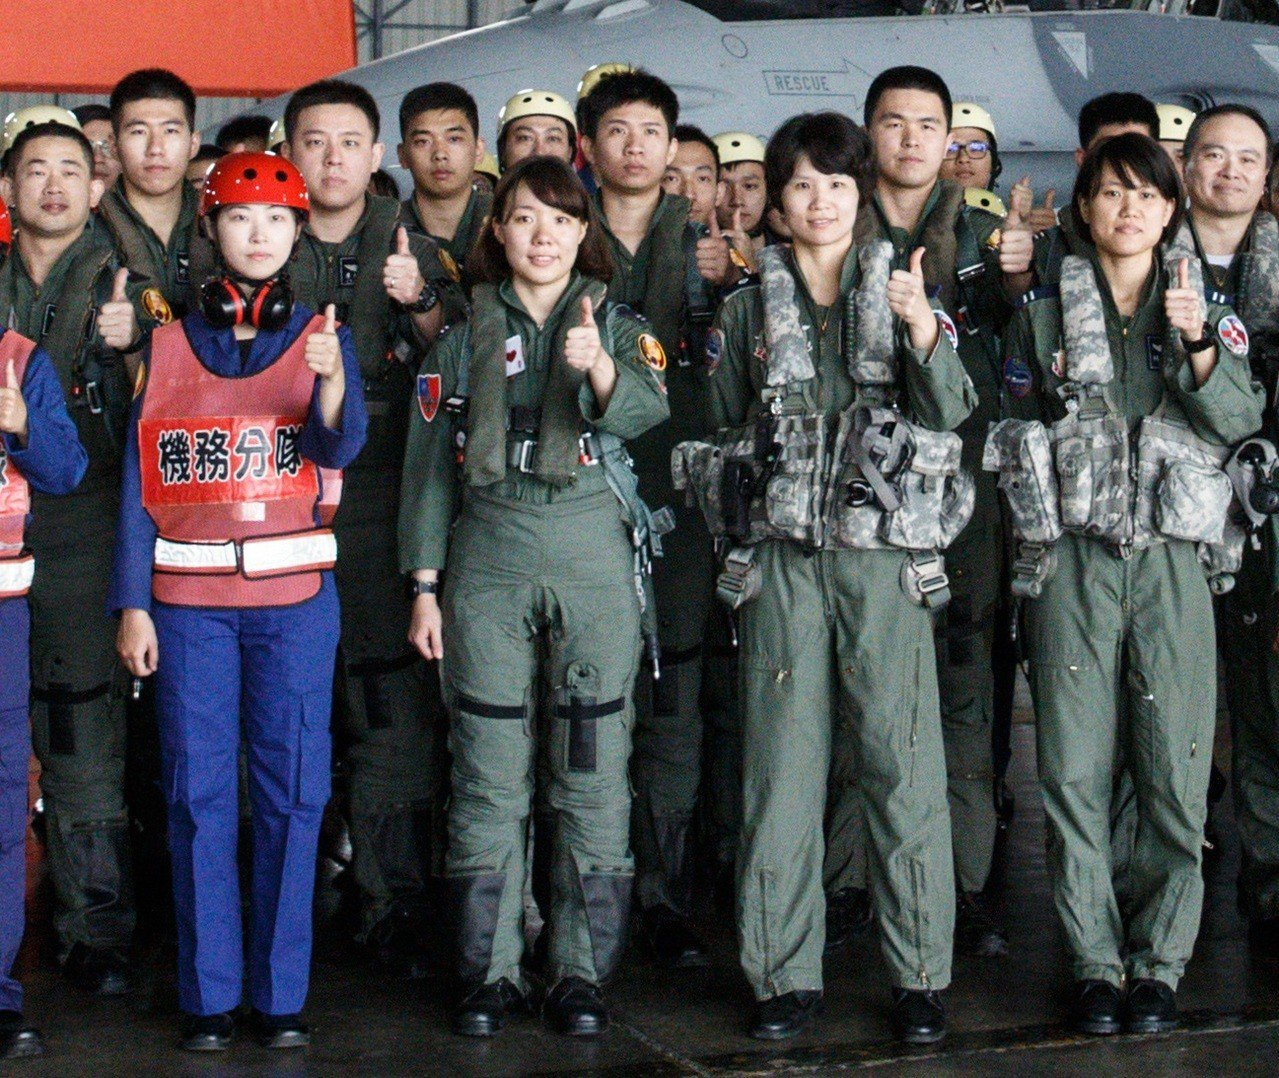 女飛官周琬淳(前排左二)因為飛戰鬥機,必須穿戴綁緊身體與下肢的抗G衣,與一旁兩位...